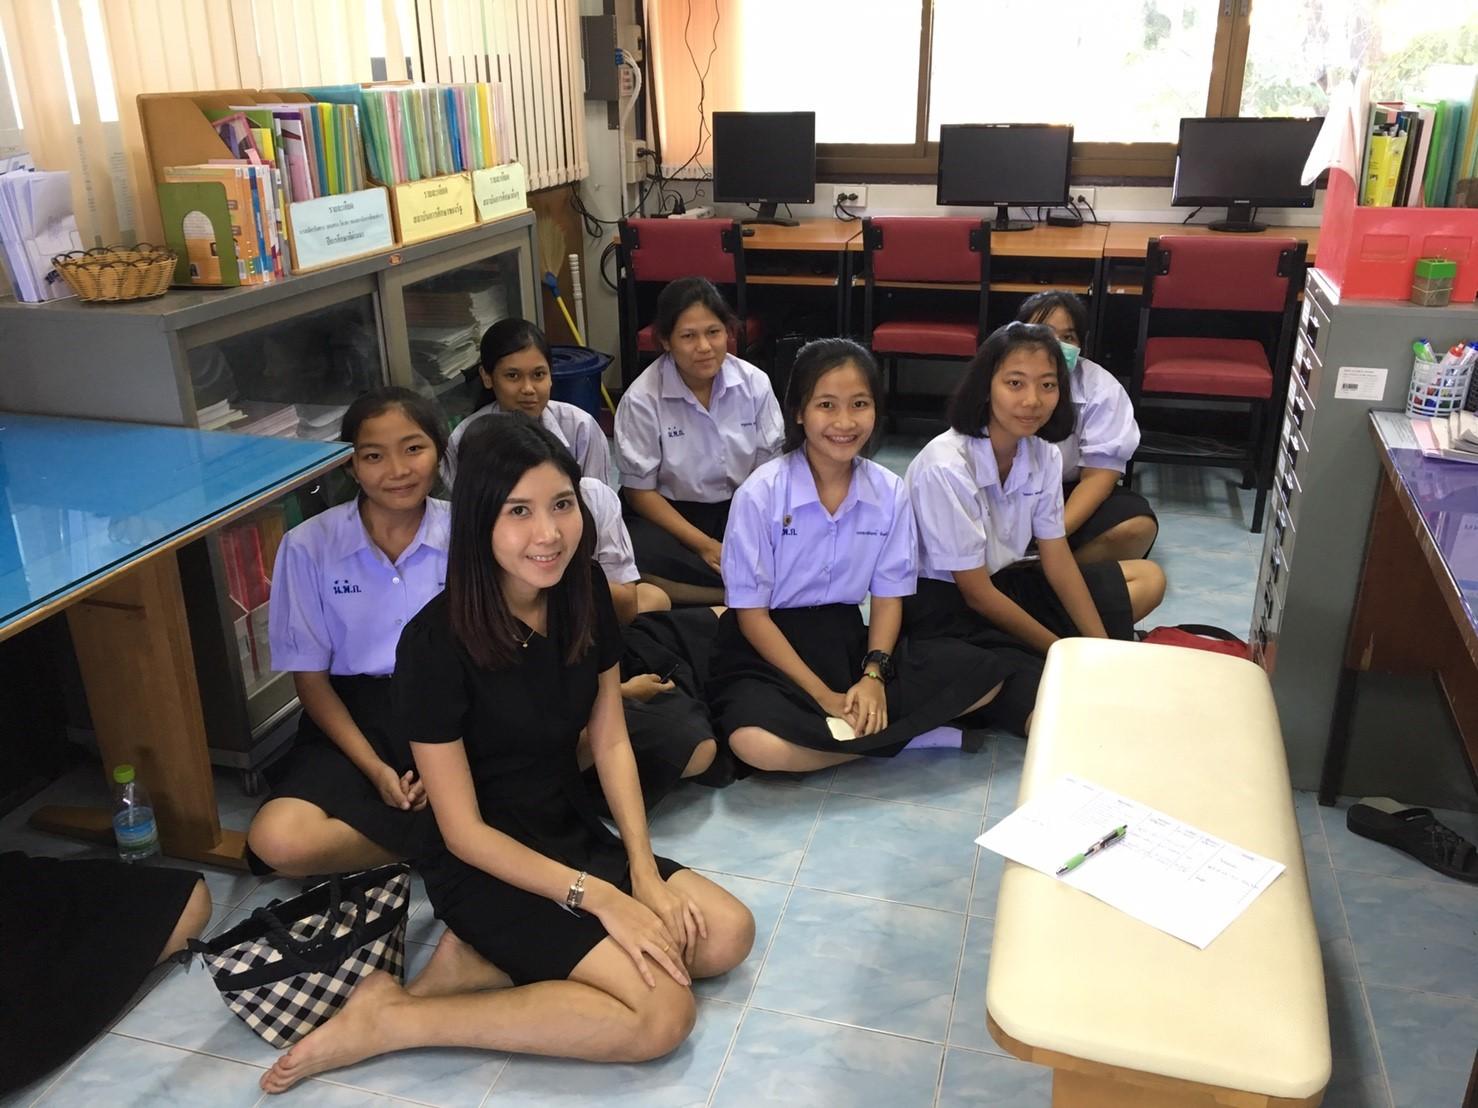 มสด นครนายก เตรียมแนะแนวการศึกษา ปีการศึกษา 2560